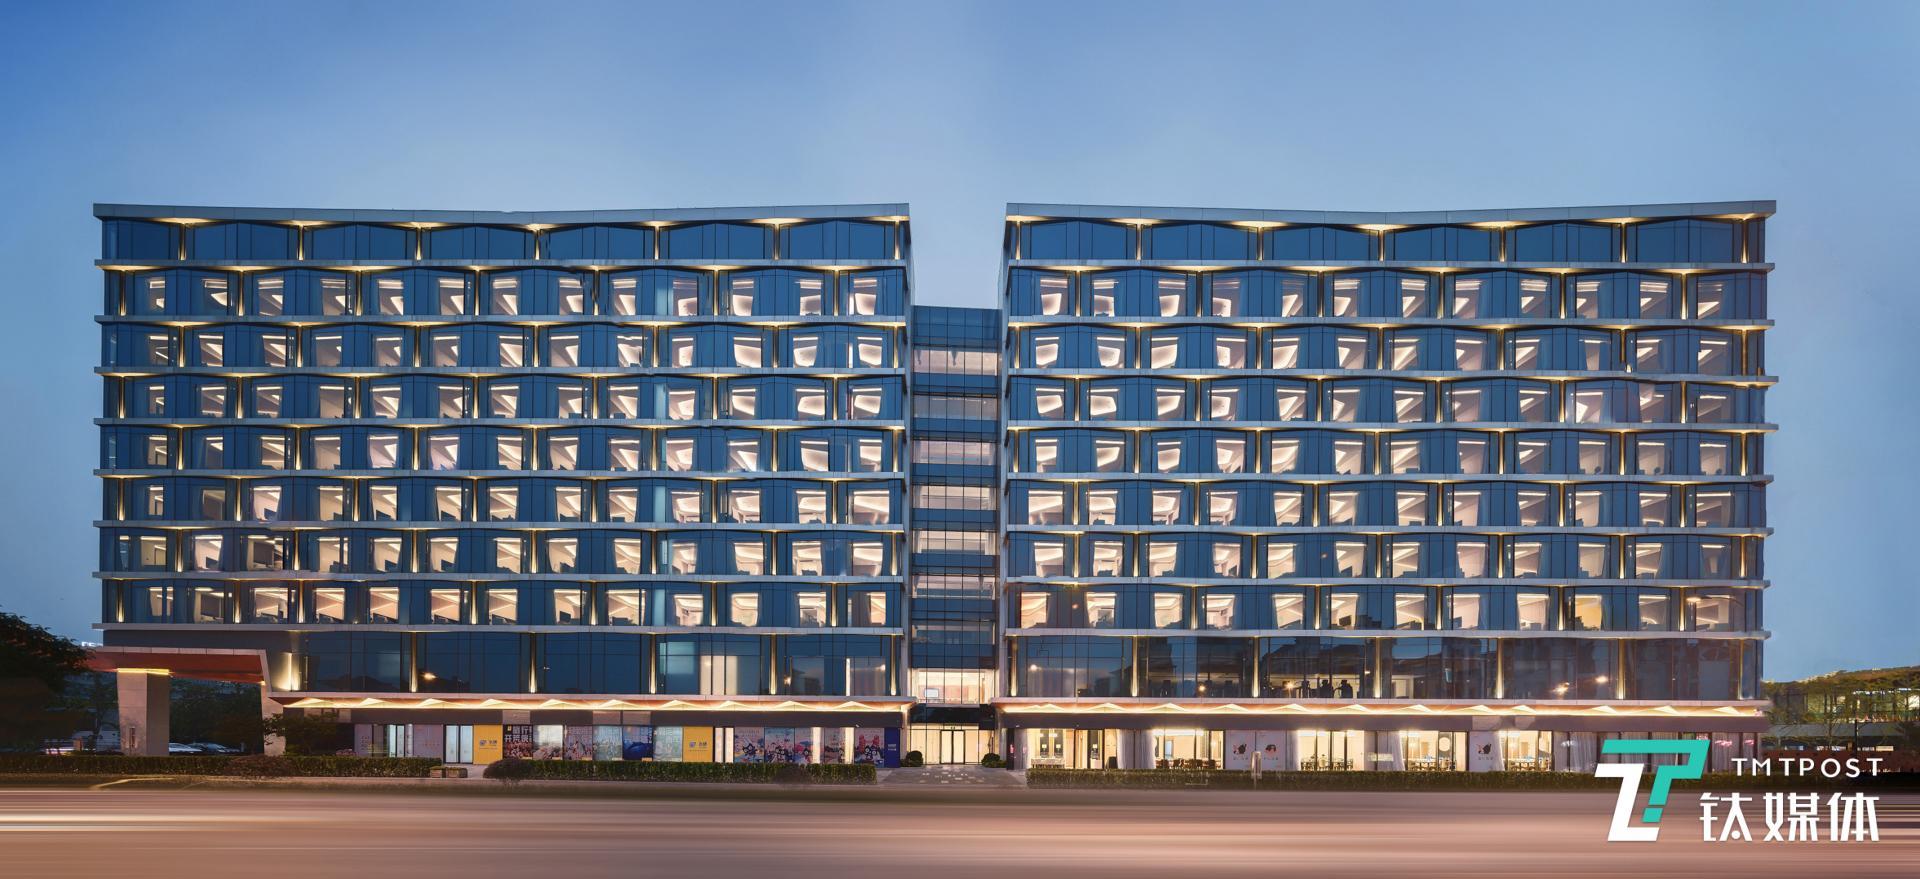 阿里巴巴未来酒店FlyZoo Hotel开业了